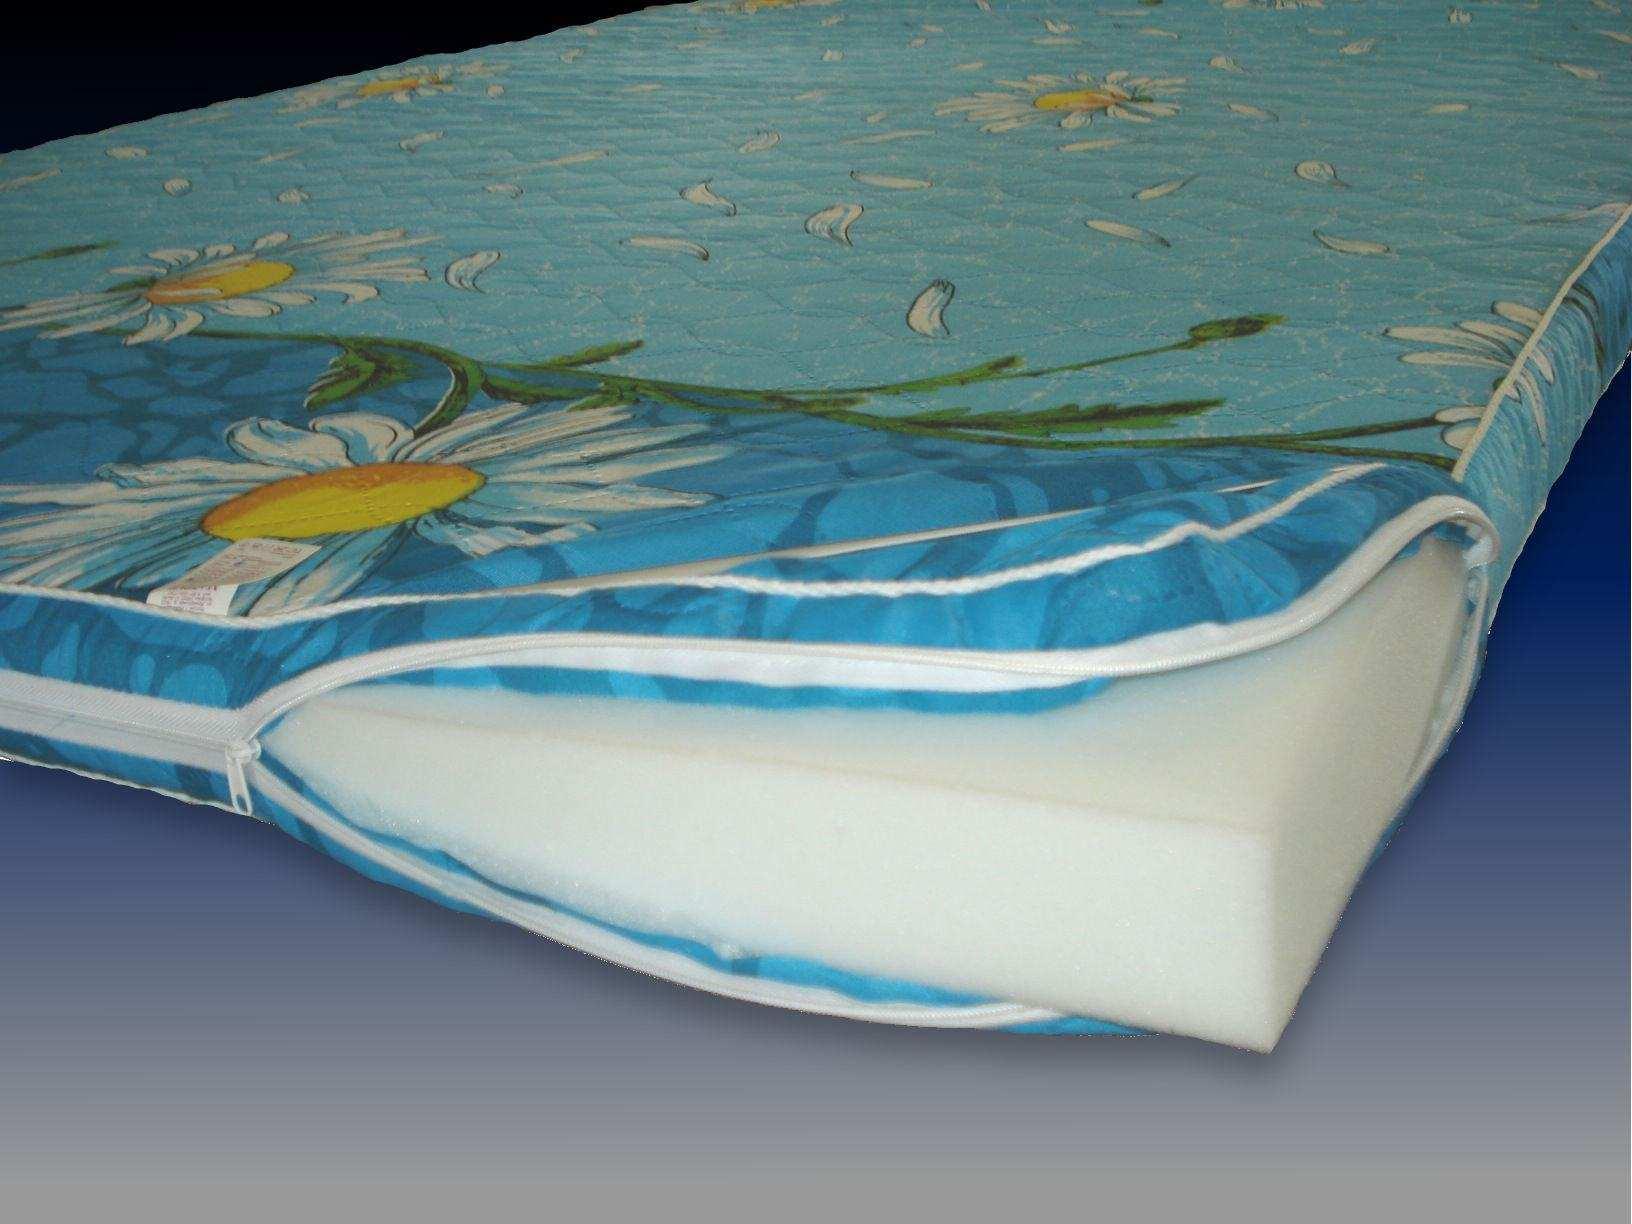 Чем хорошо постельное белье из бамбука